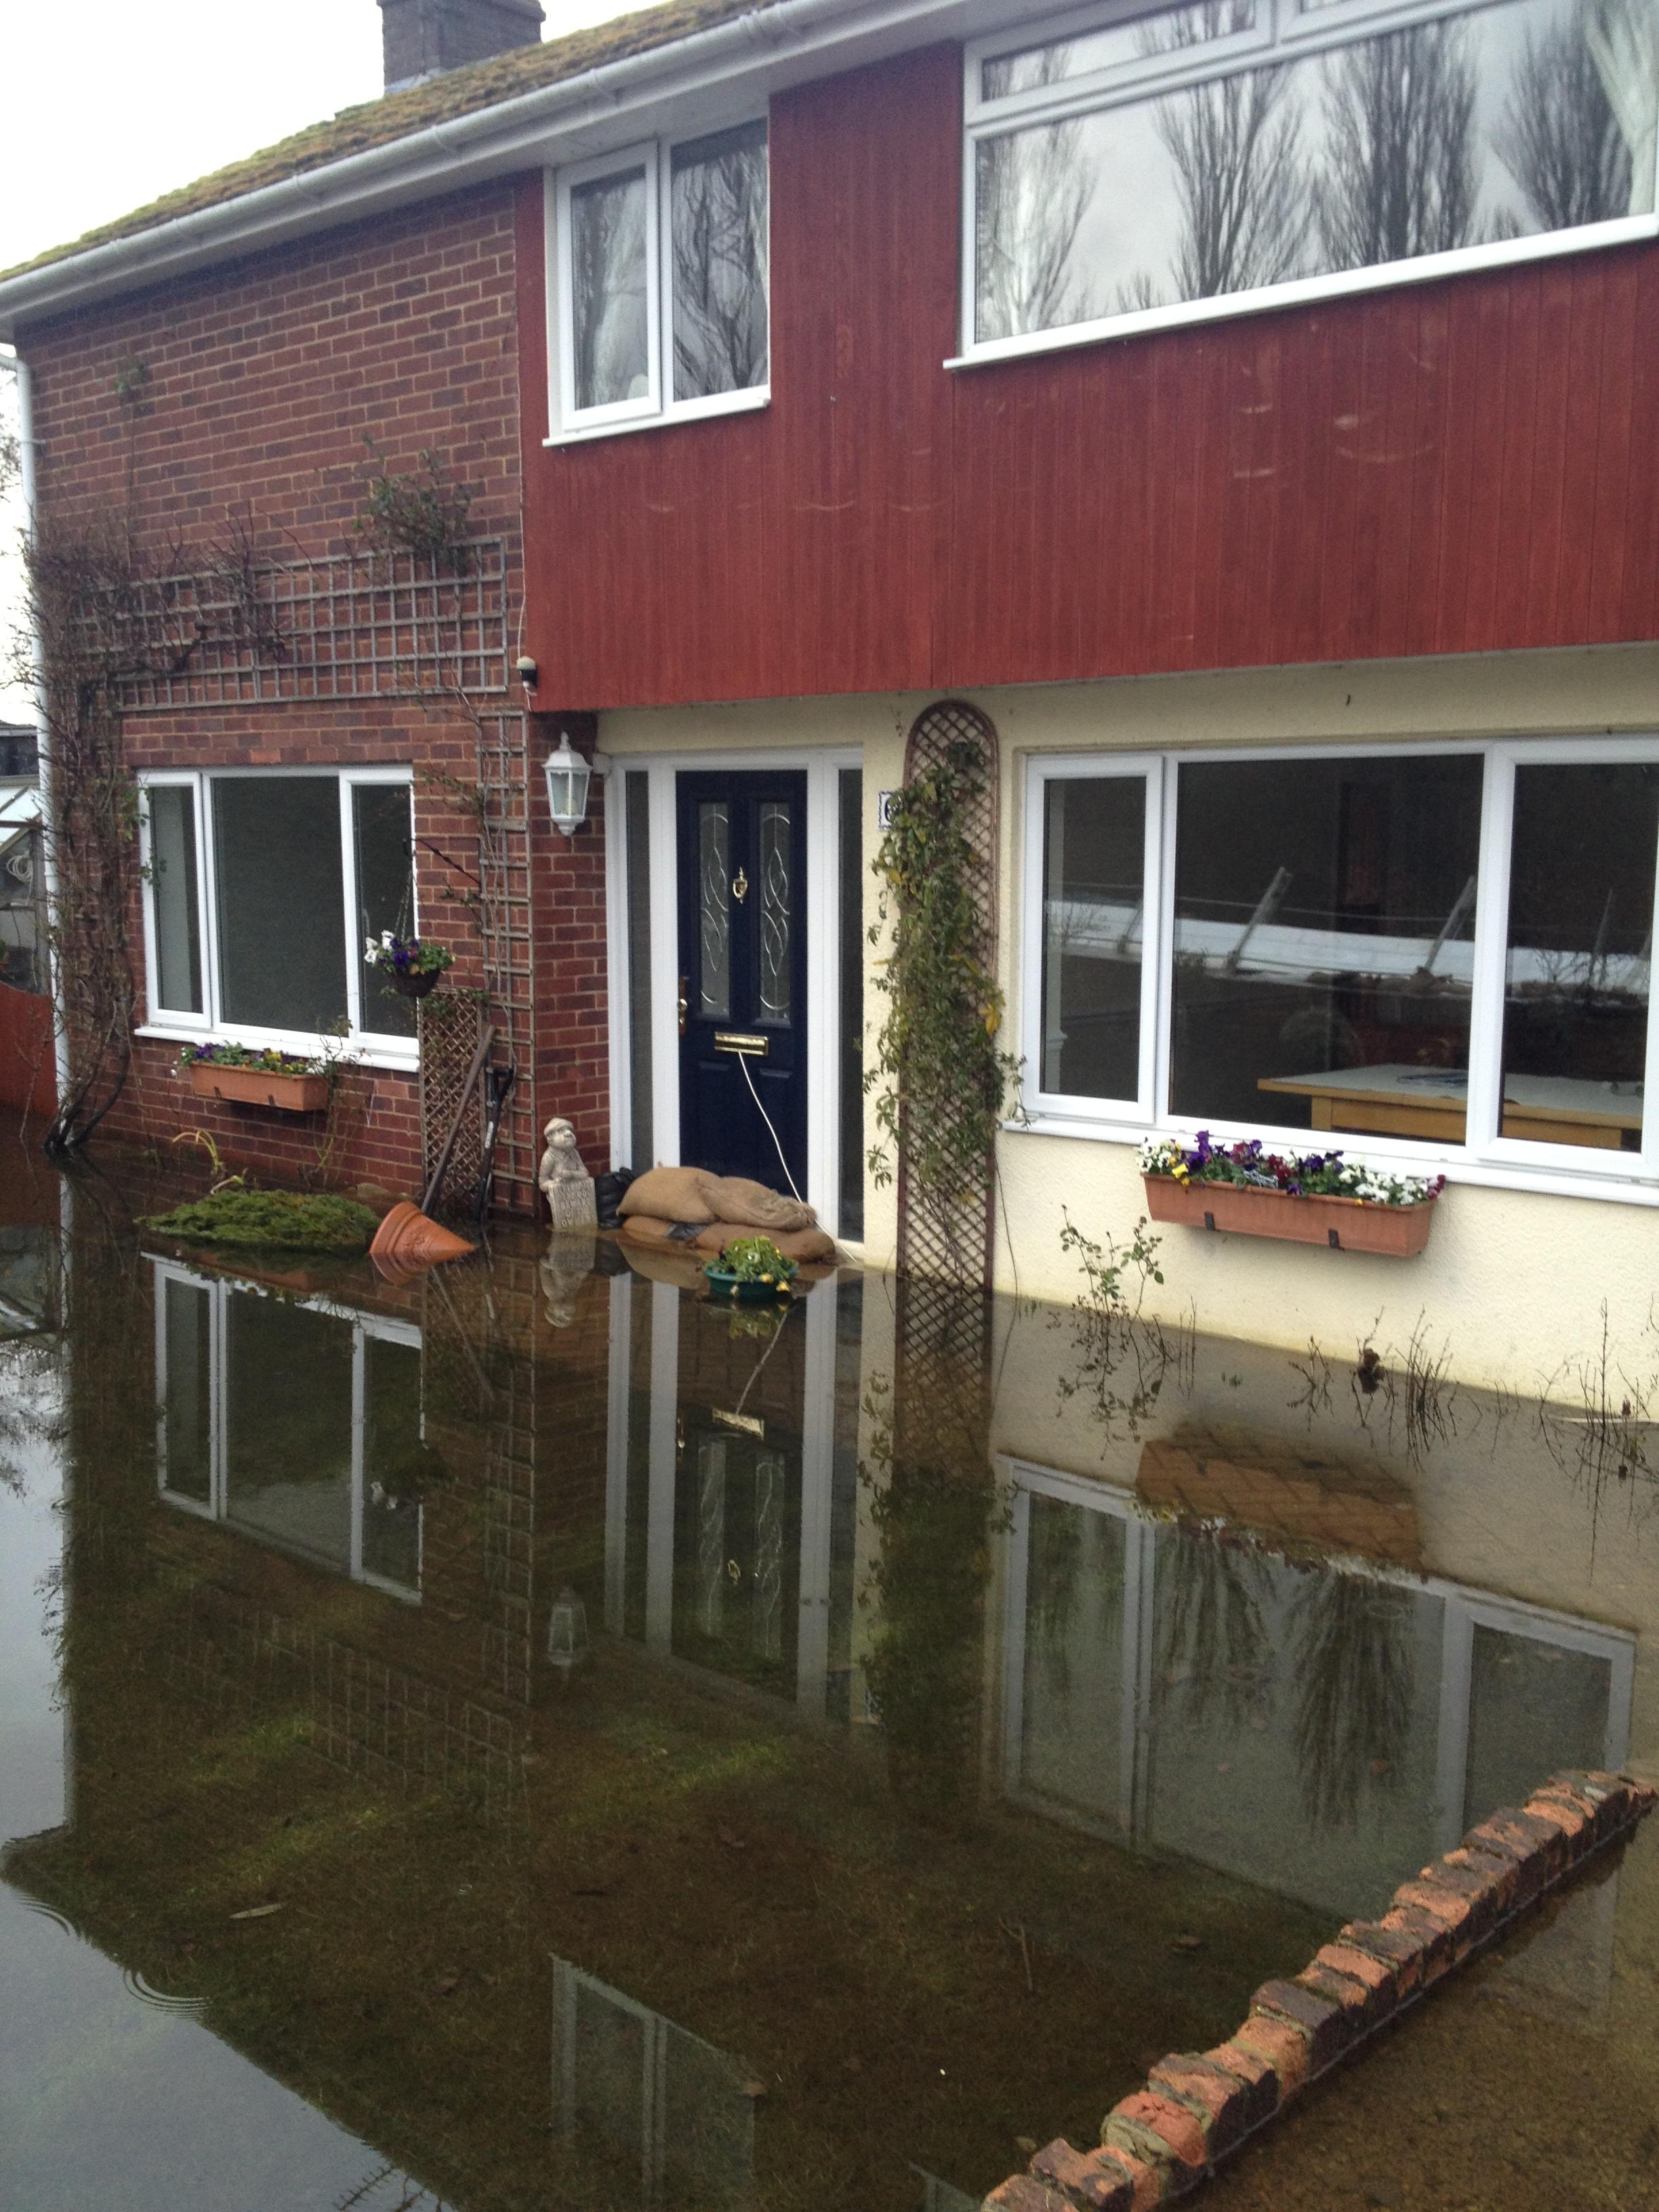 Romsey floods Feb 2014